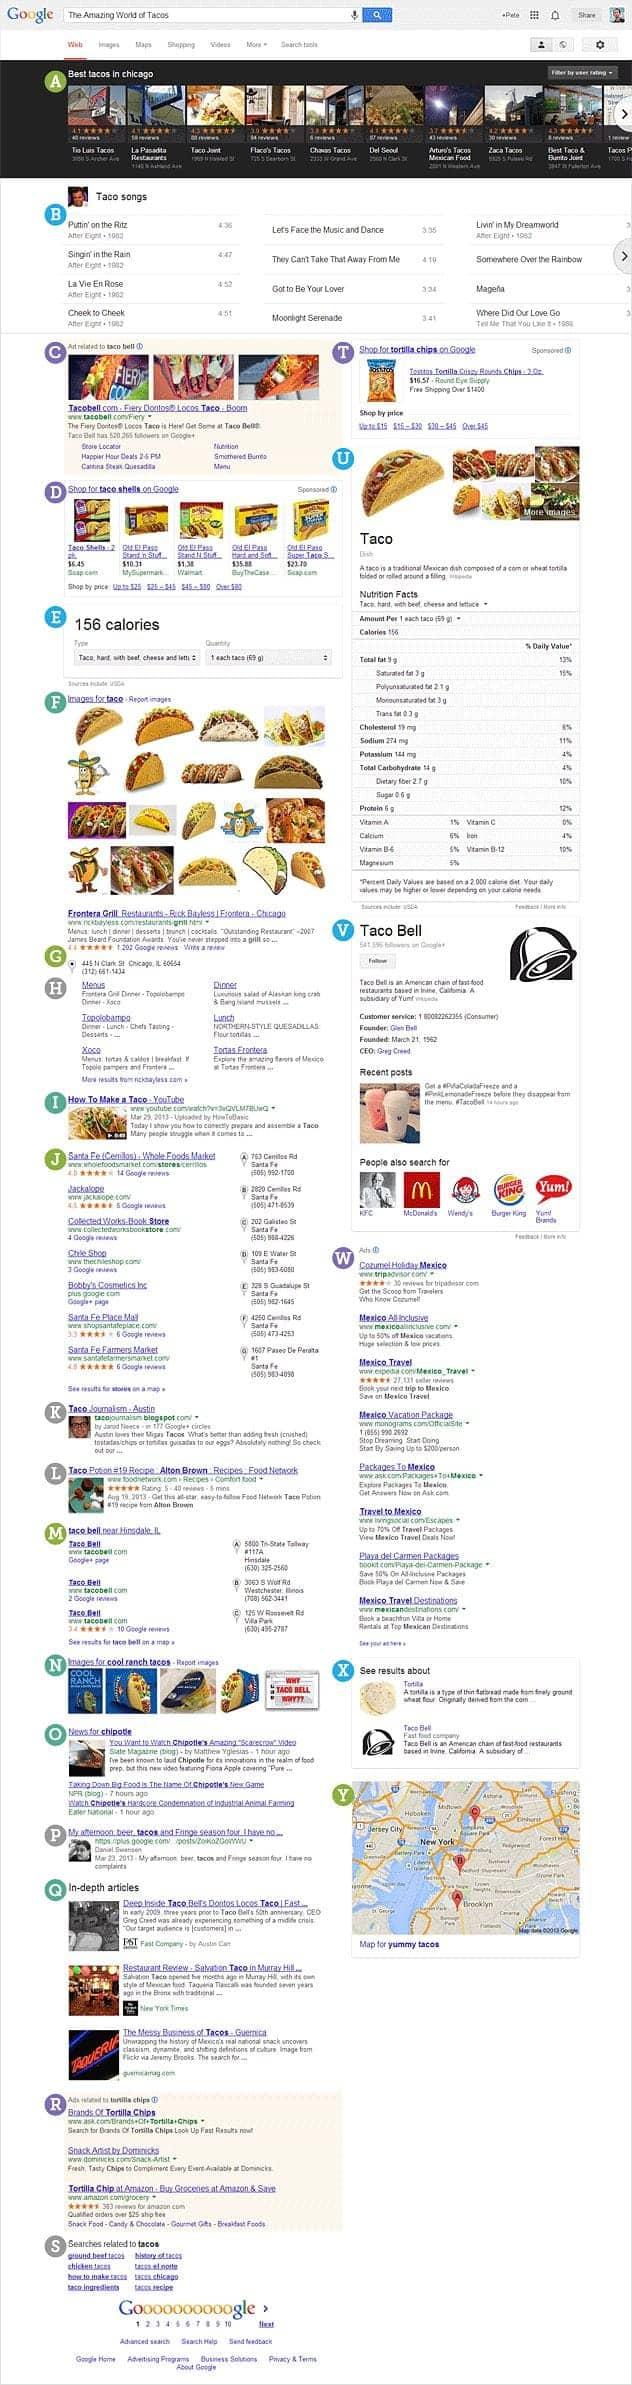 Mega SERP Google - przykład wygenerowany przez MOZ